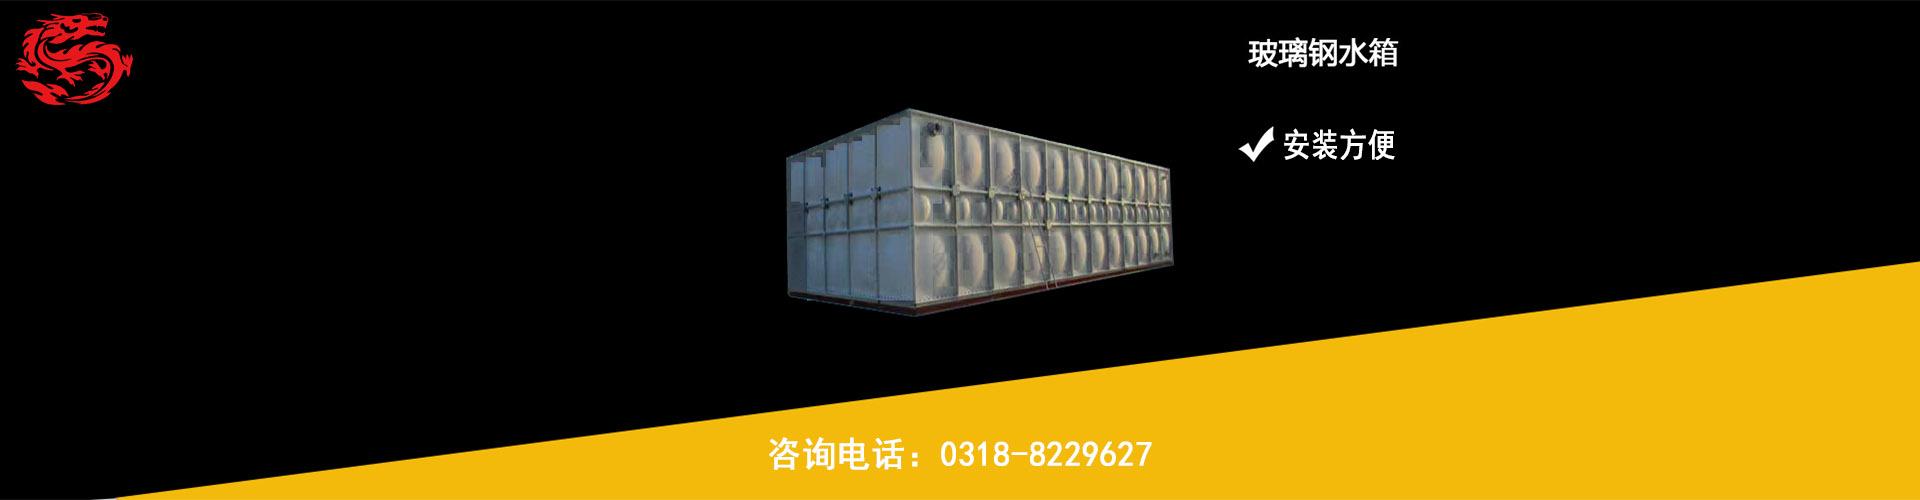 玻璃钢水箱轮播图1